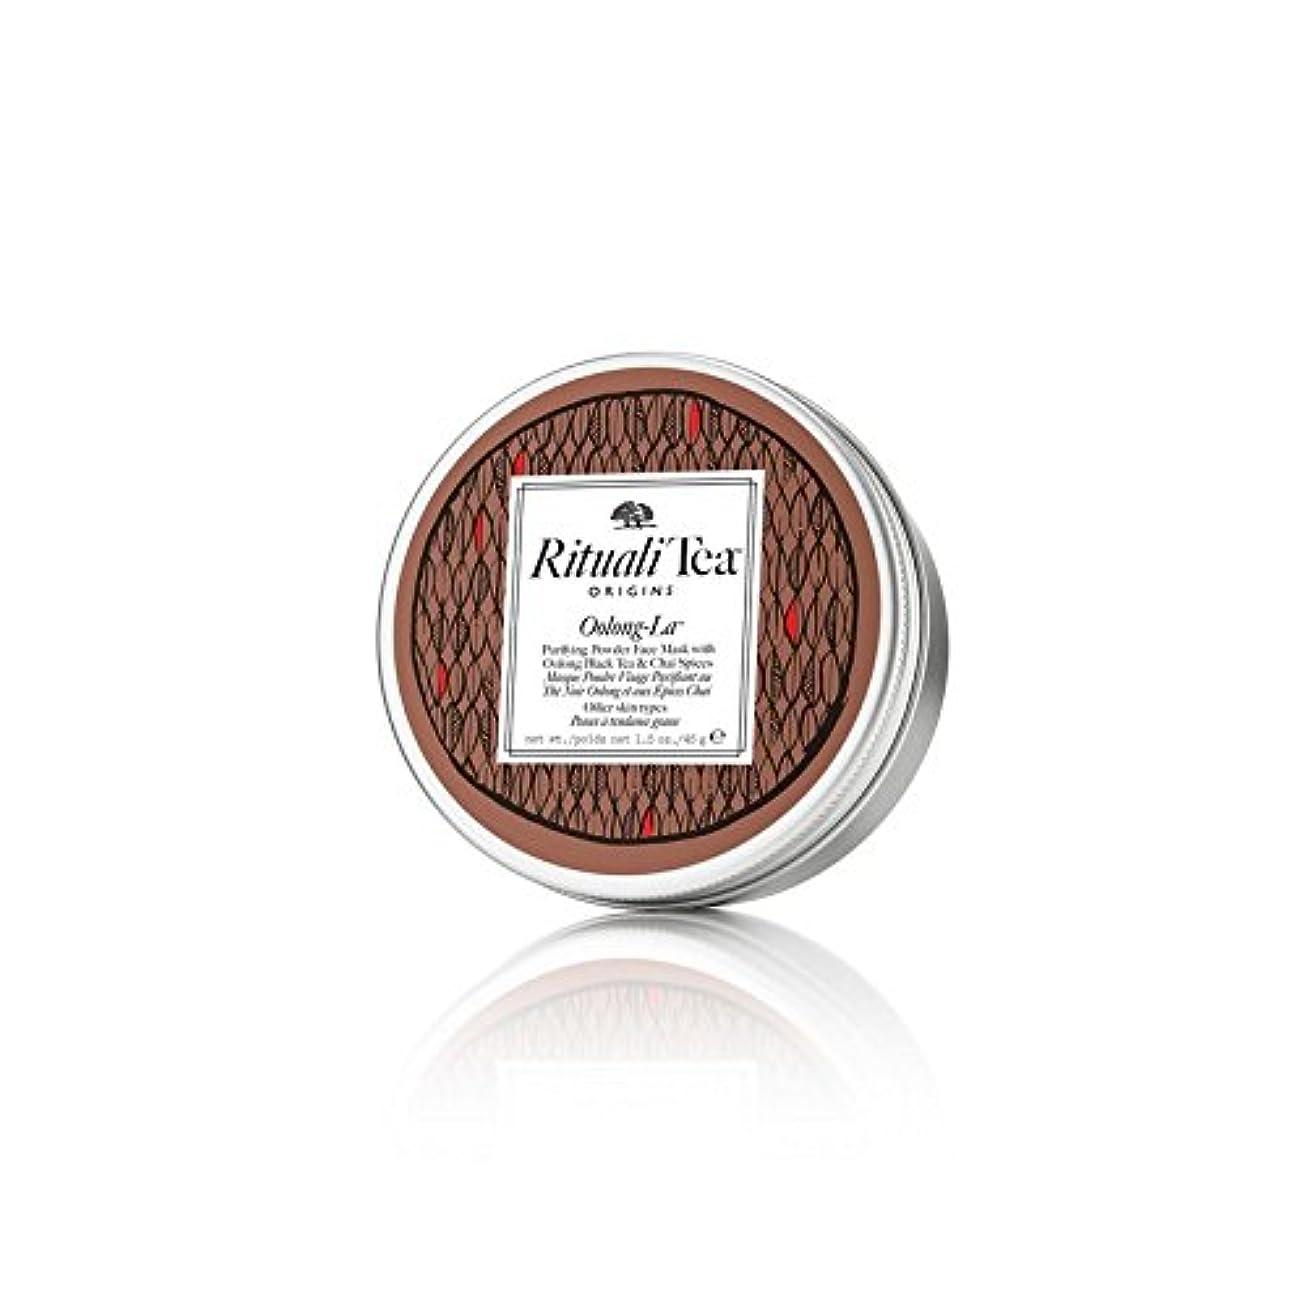 レンジマインドエンジニアリングOrigins Powdered Tea Face Mask Oolong-La 45g (Pack of 6) - 起源抹茶フェイスマスク烏龍茶ラ45グラム x6 [並行輸入品]